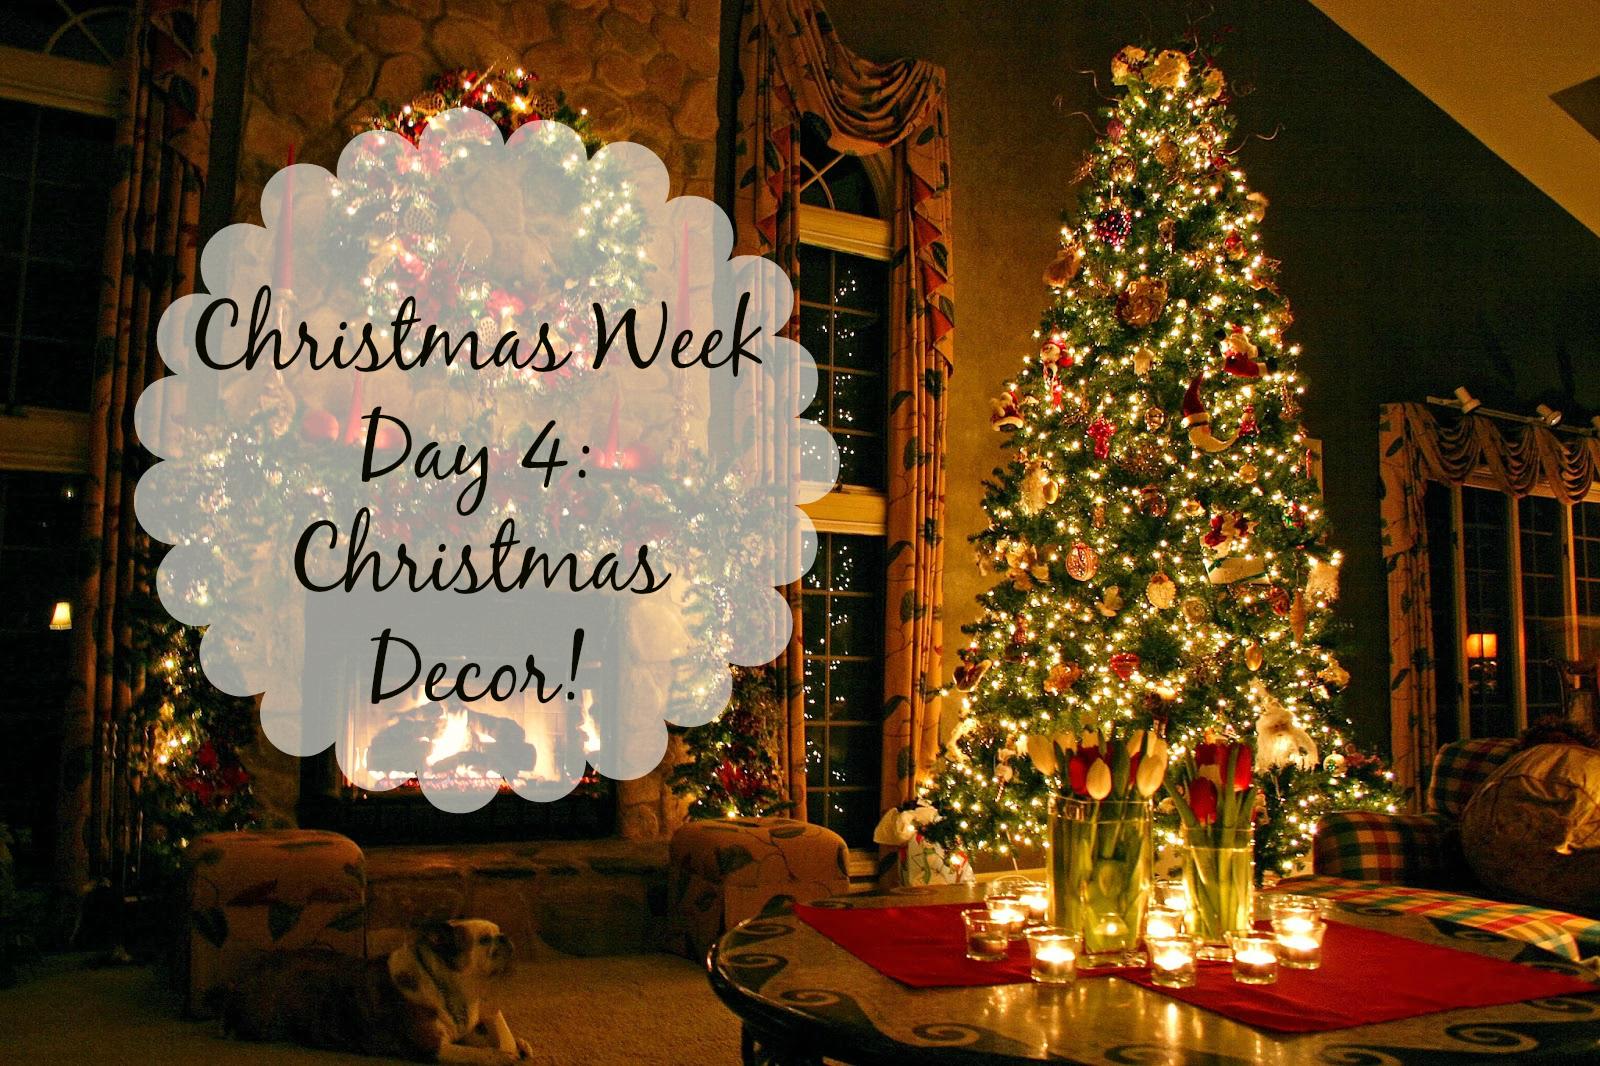 Christmas Week Day 4: Christmas Decor! (Inspirations)